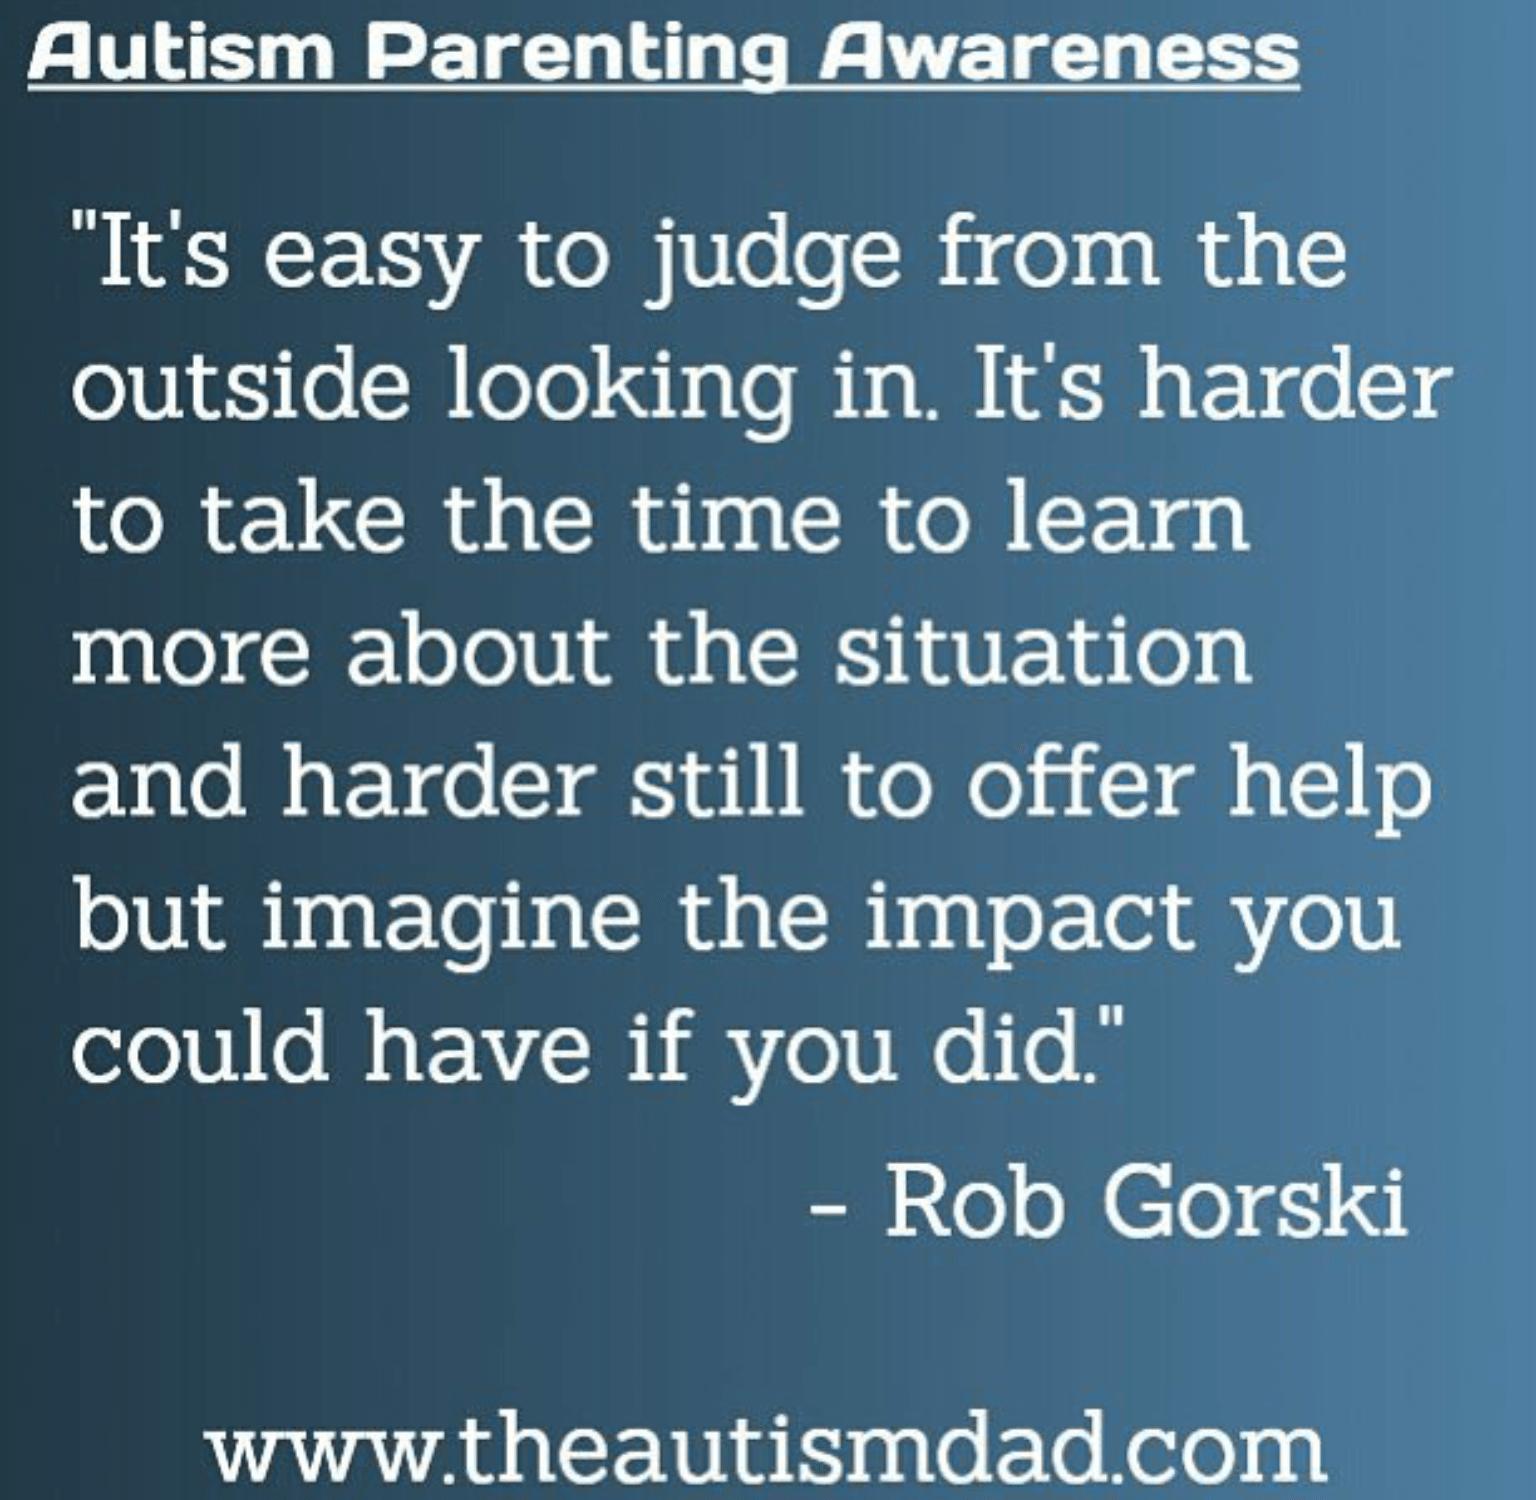 A positive message about #Autism Parenting